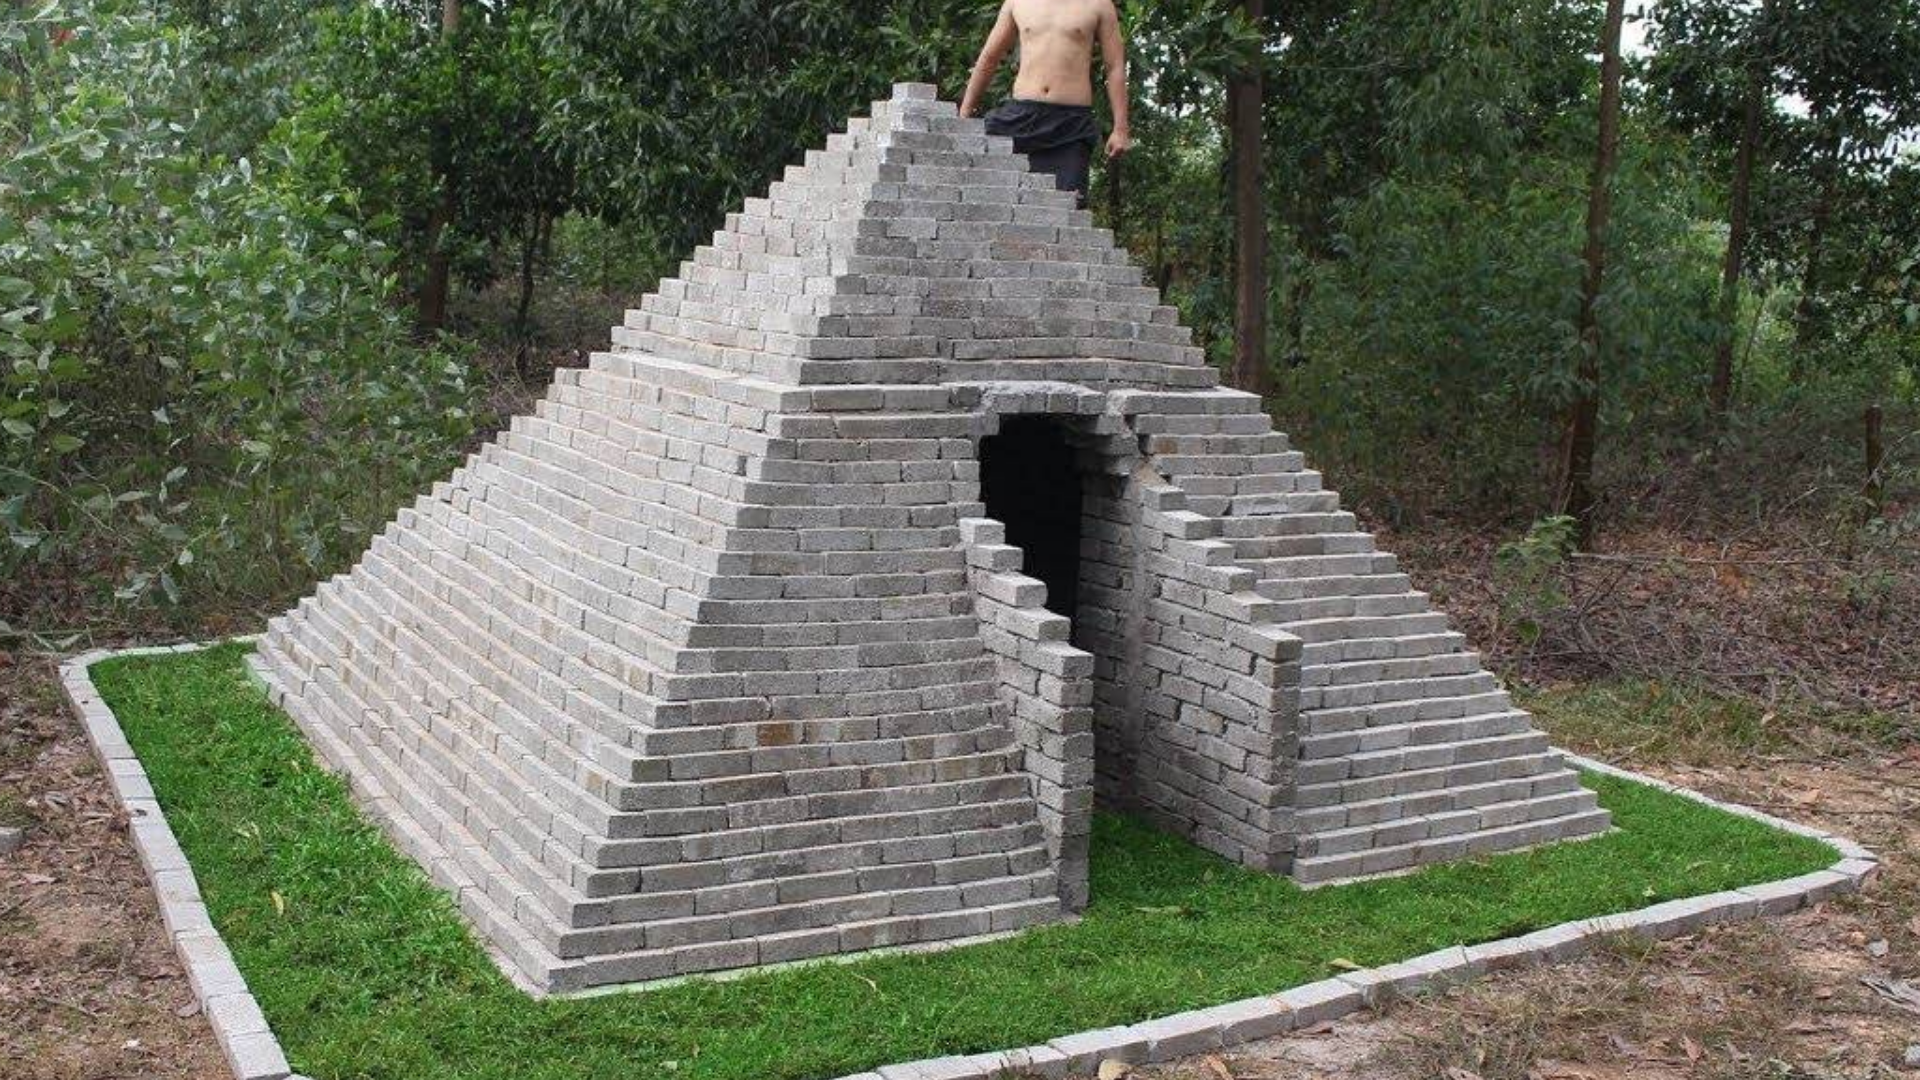 构建金字塔在森林古代技能